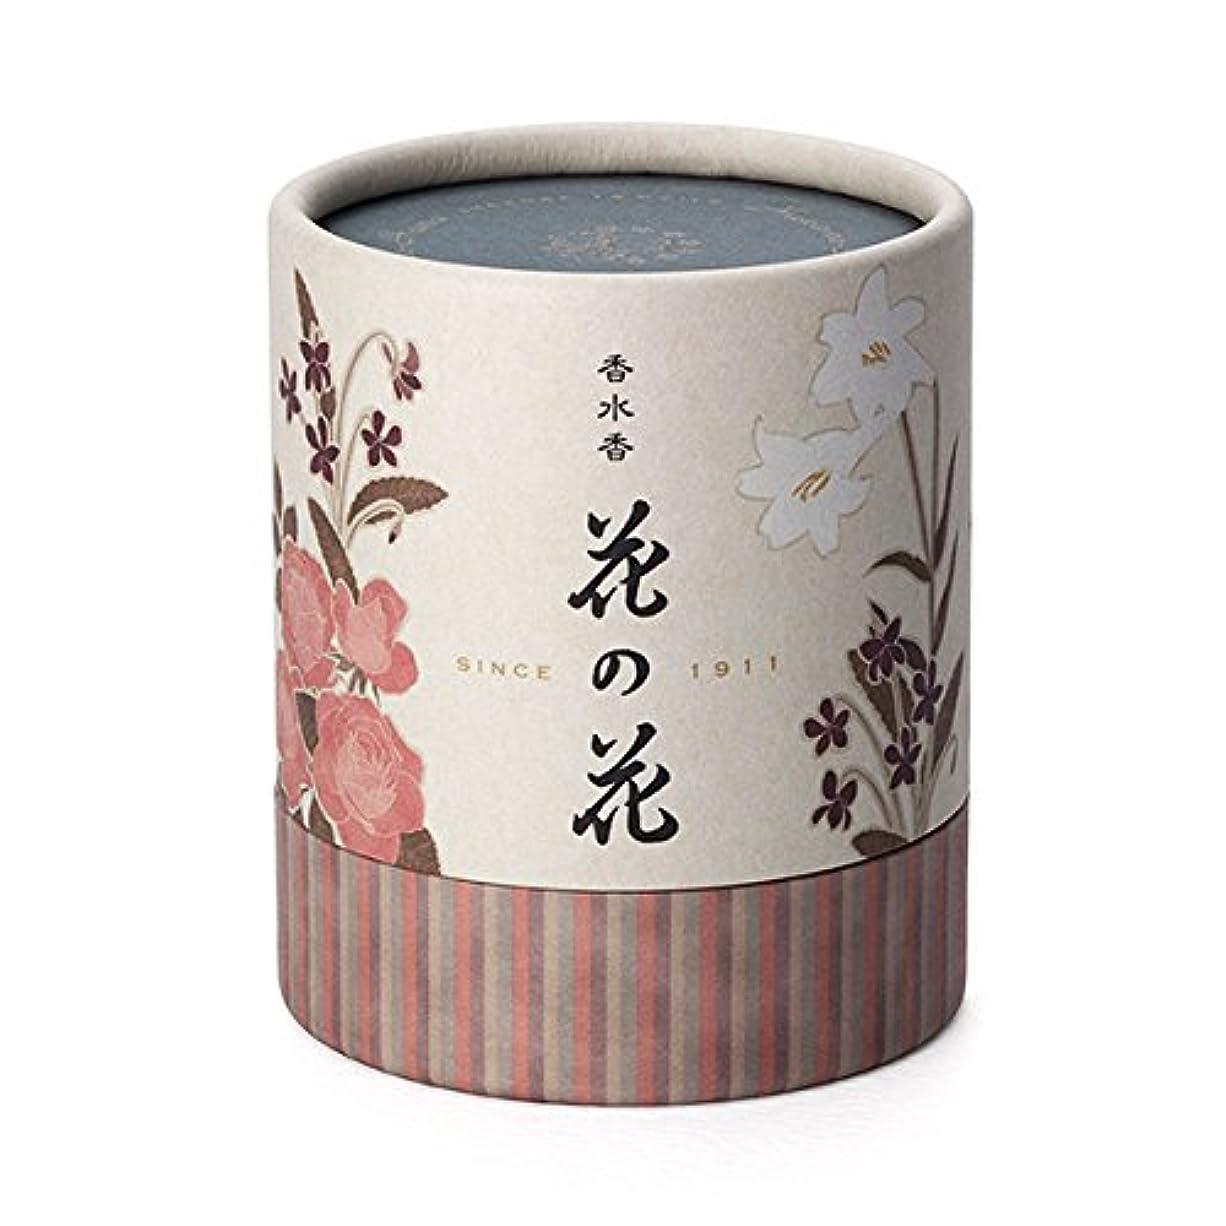 甘美なインフラ貢献日本香堂 香水香 花の花 3種入 うず巻12巻入 香立付( 30003)